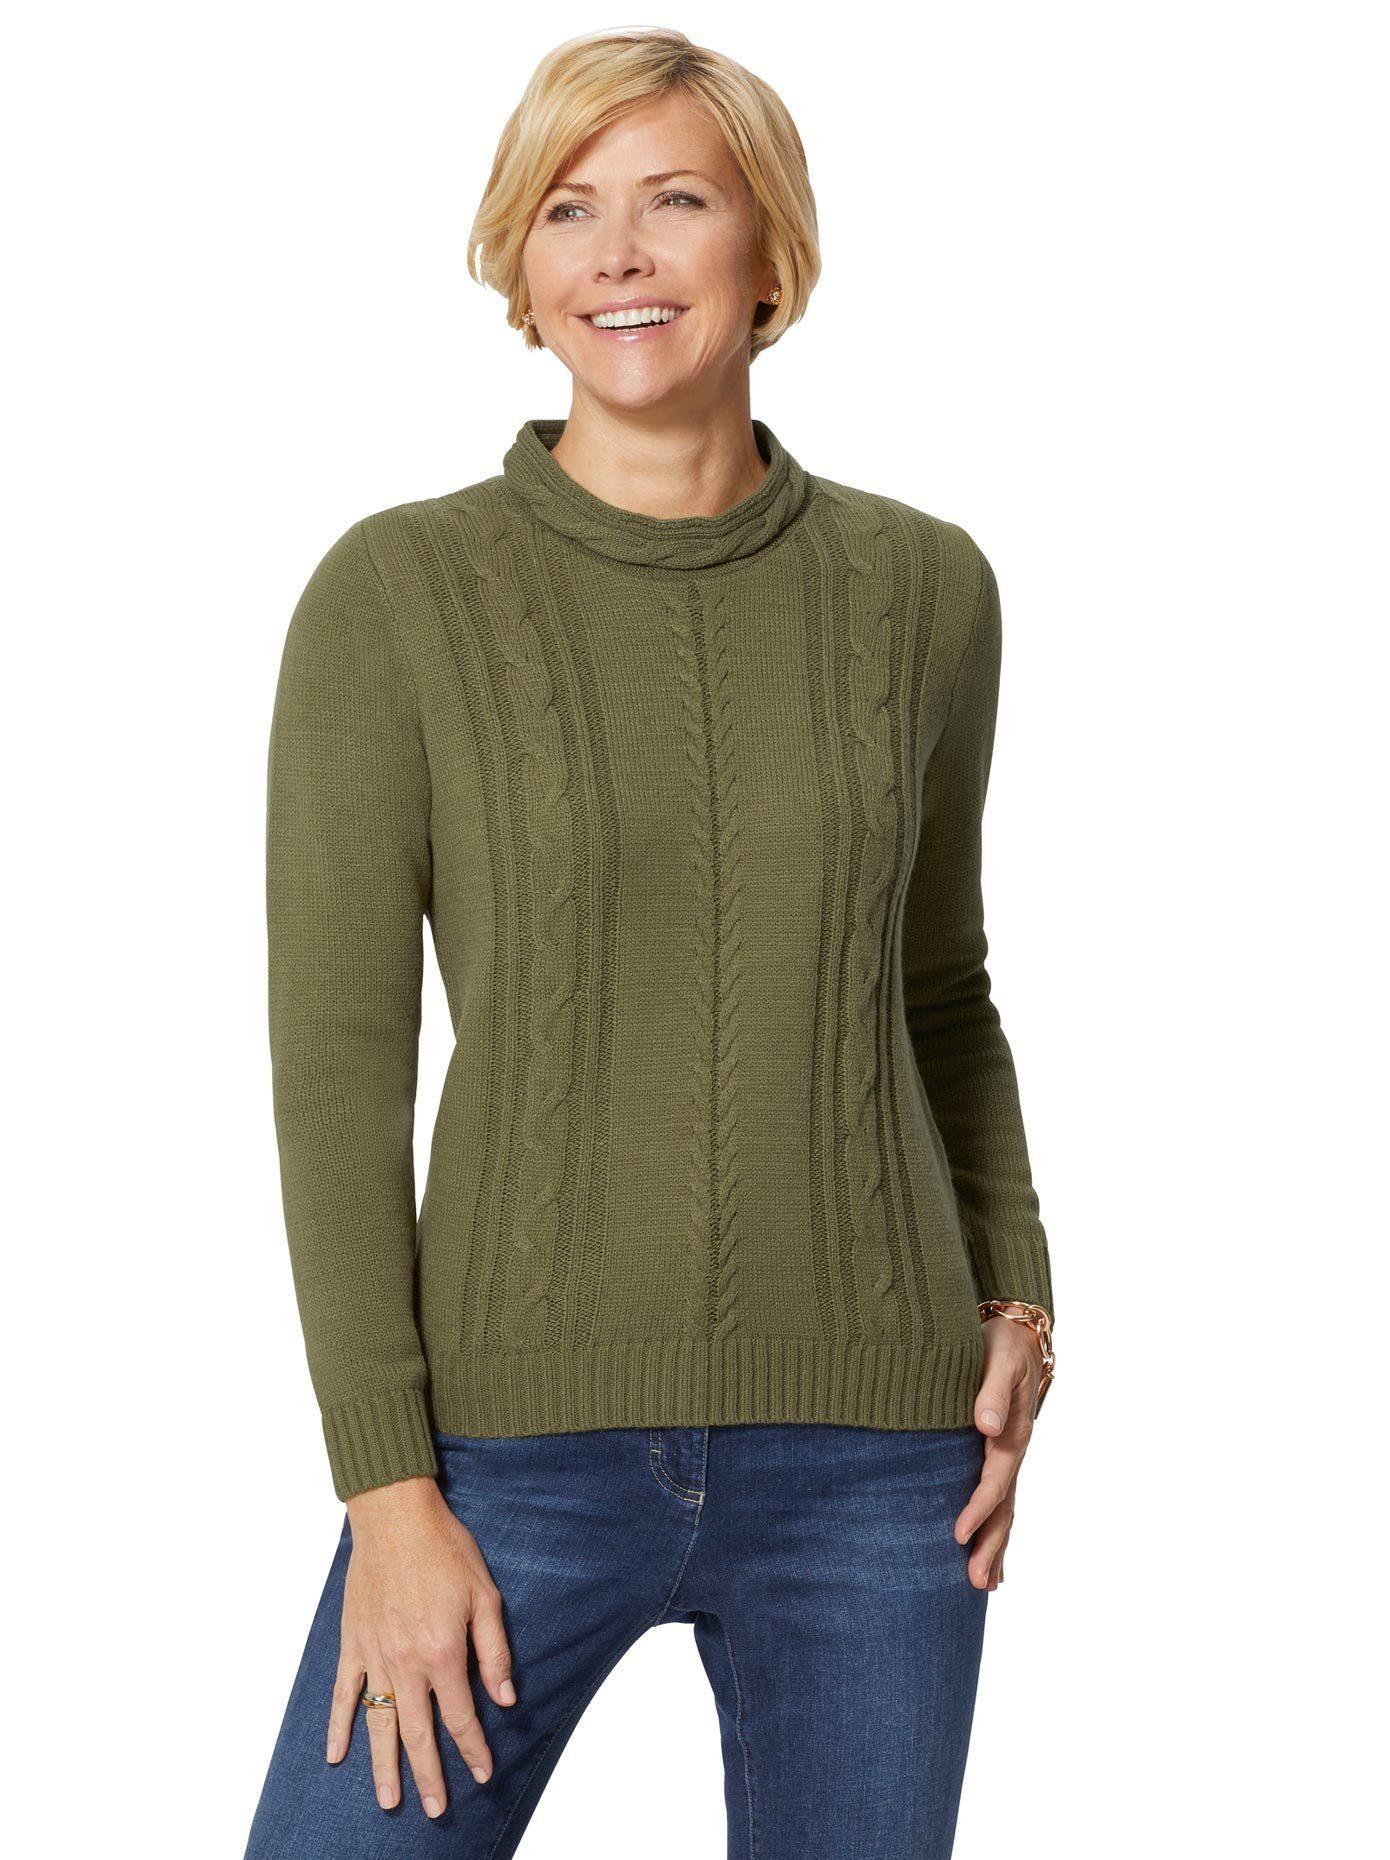 Schöner Basic-Pullover mit Stehkragen und Stickerei